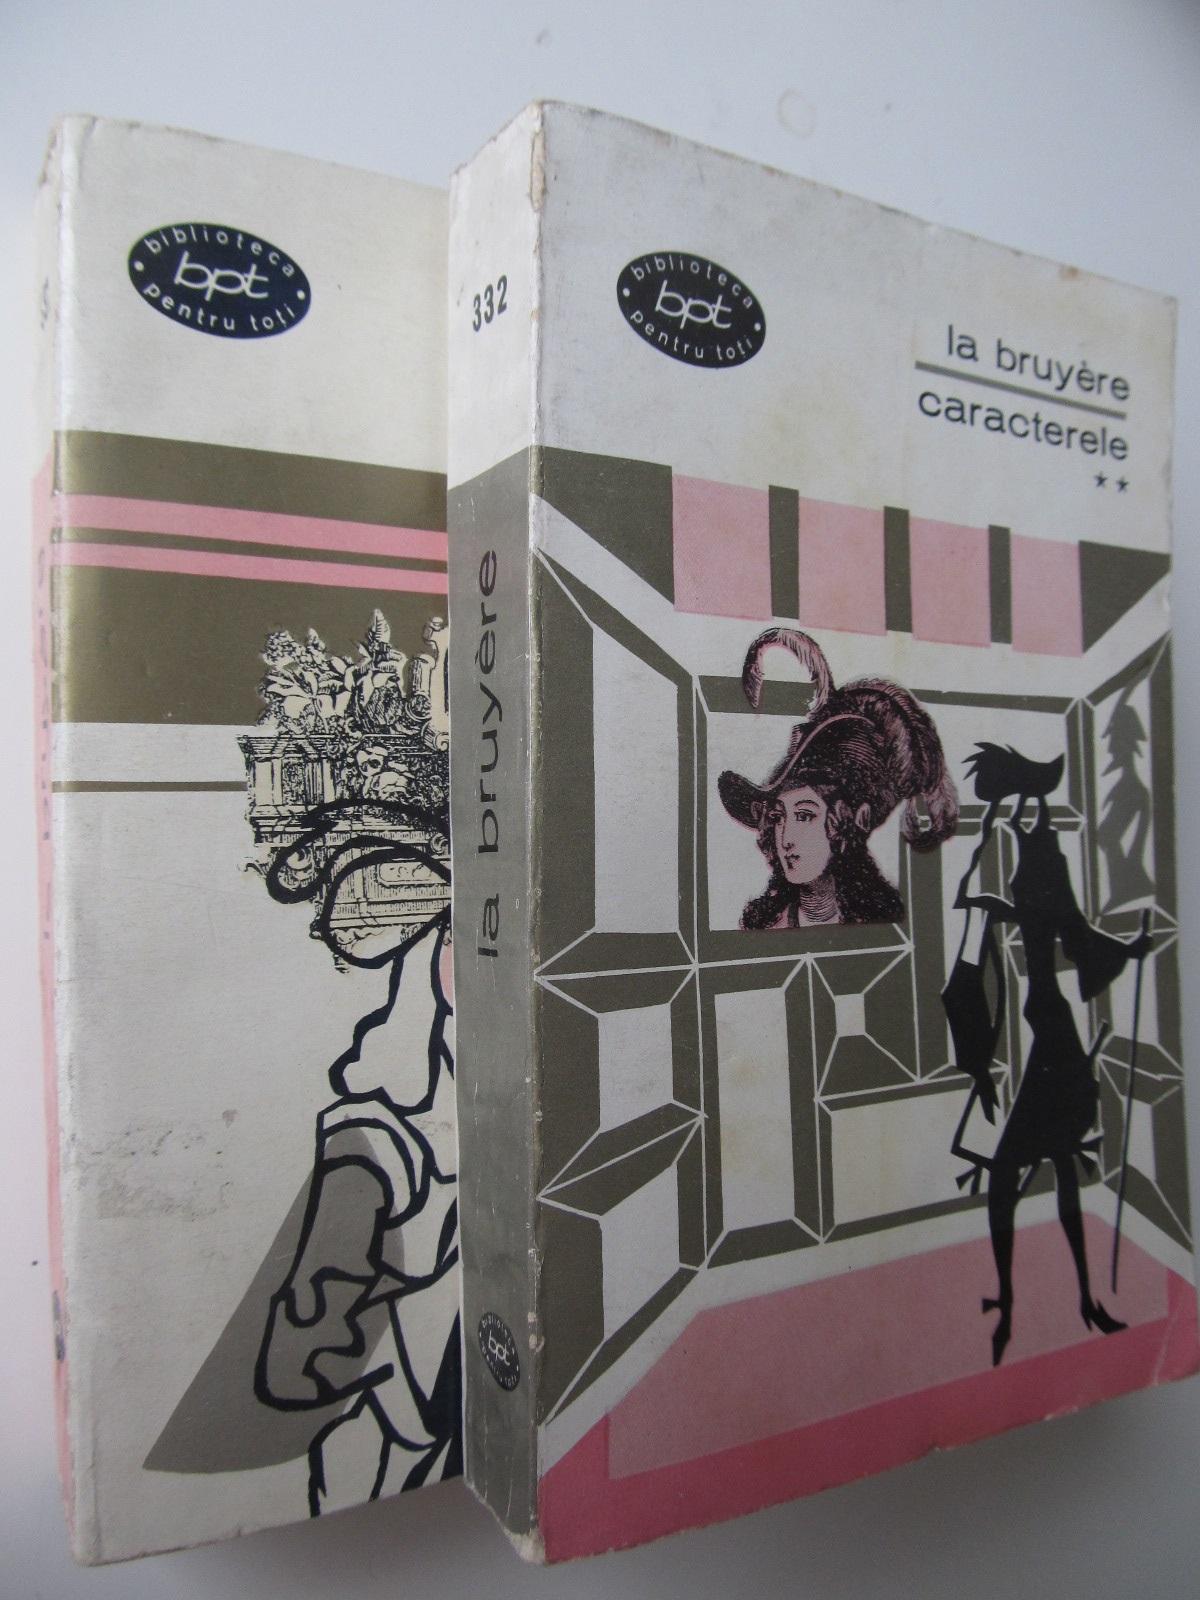 Caracterele (2 vol.) - La Bruyere | Detalii carte